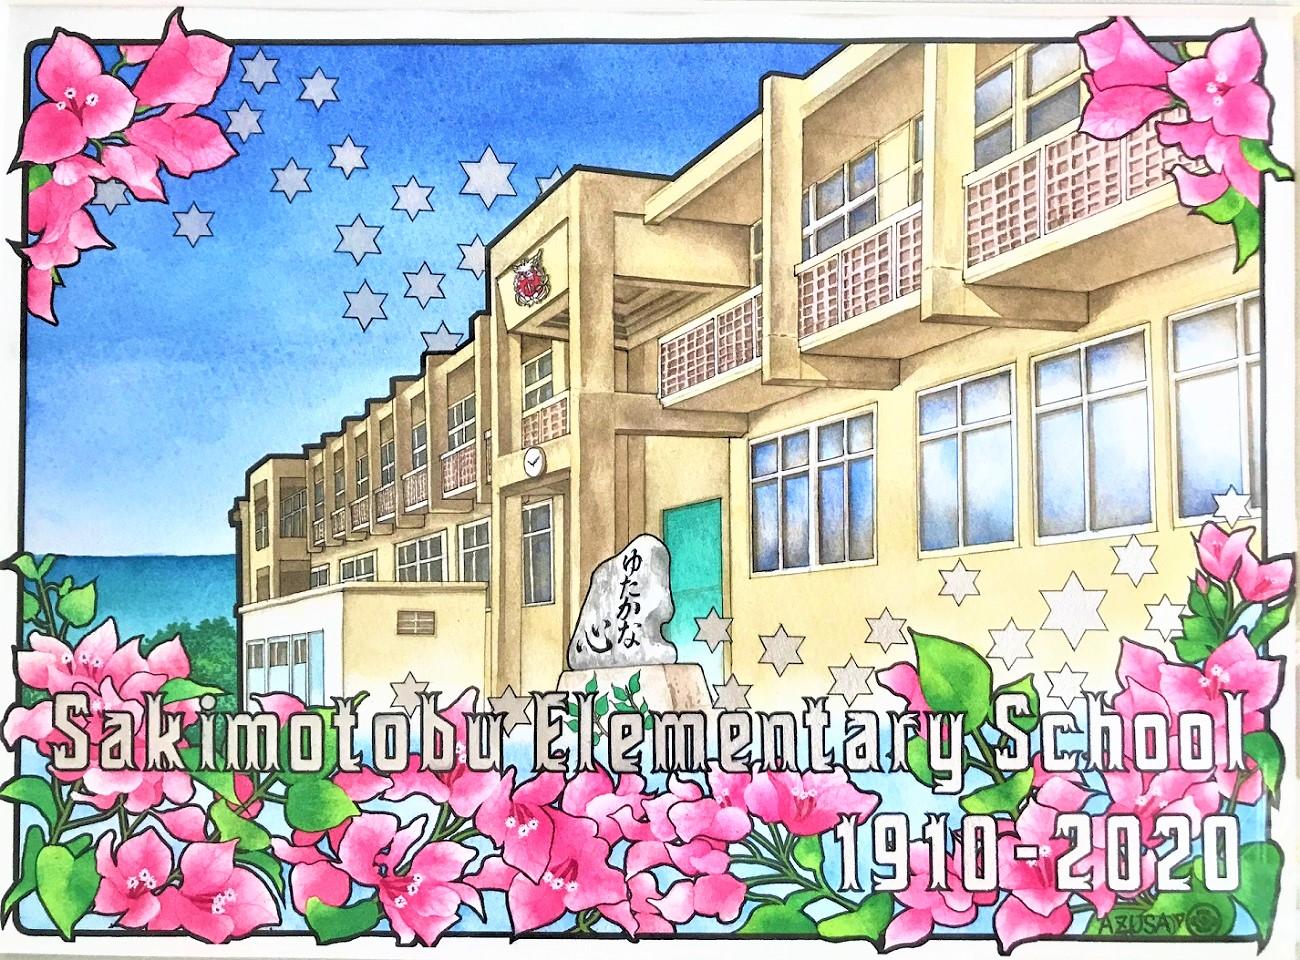 記事本部町立崎本部小学校 閉校のイメージ画像